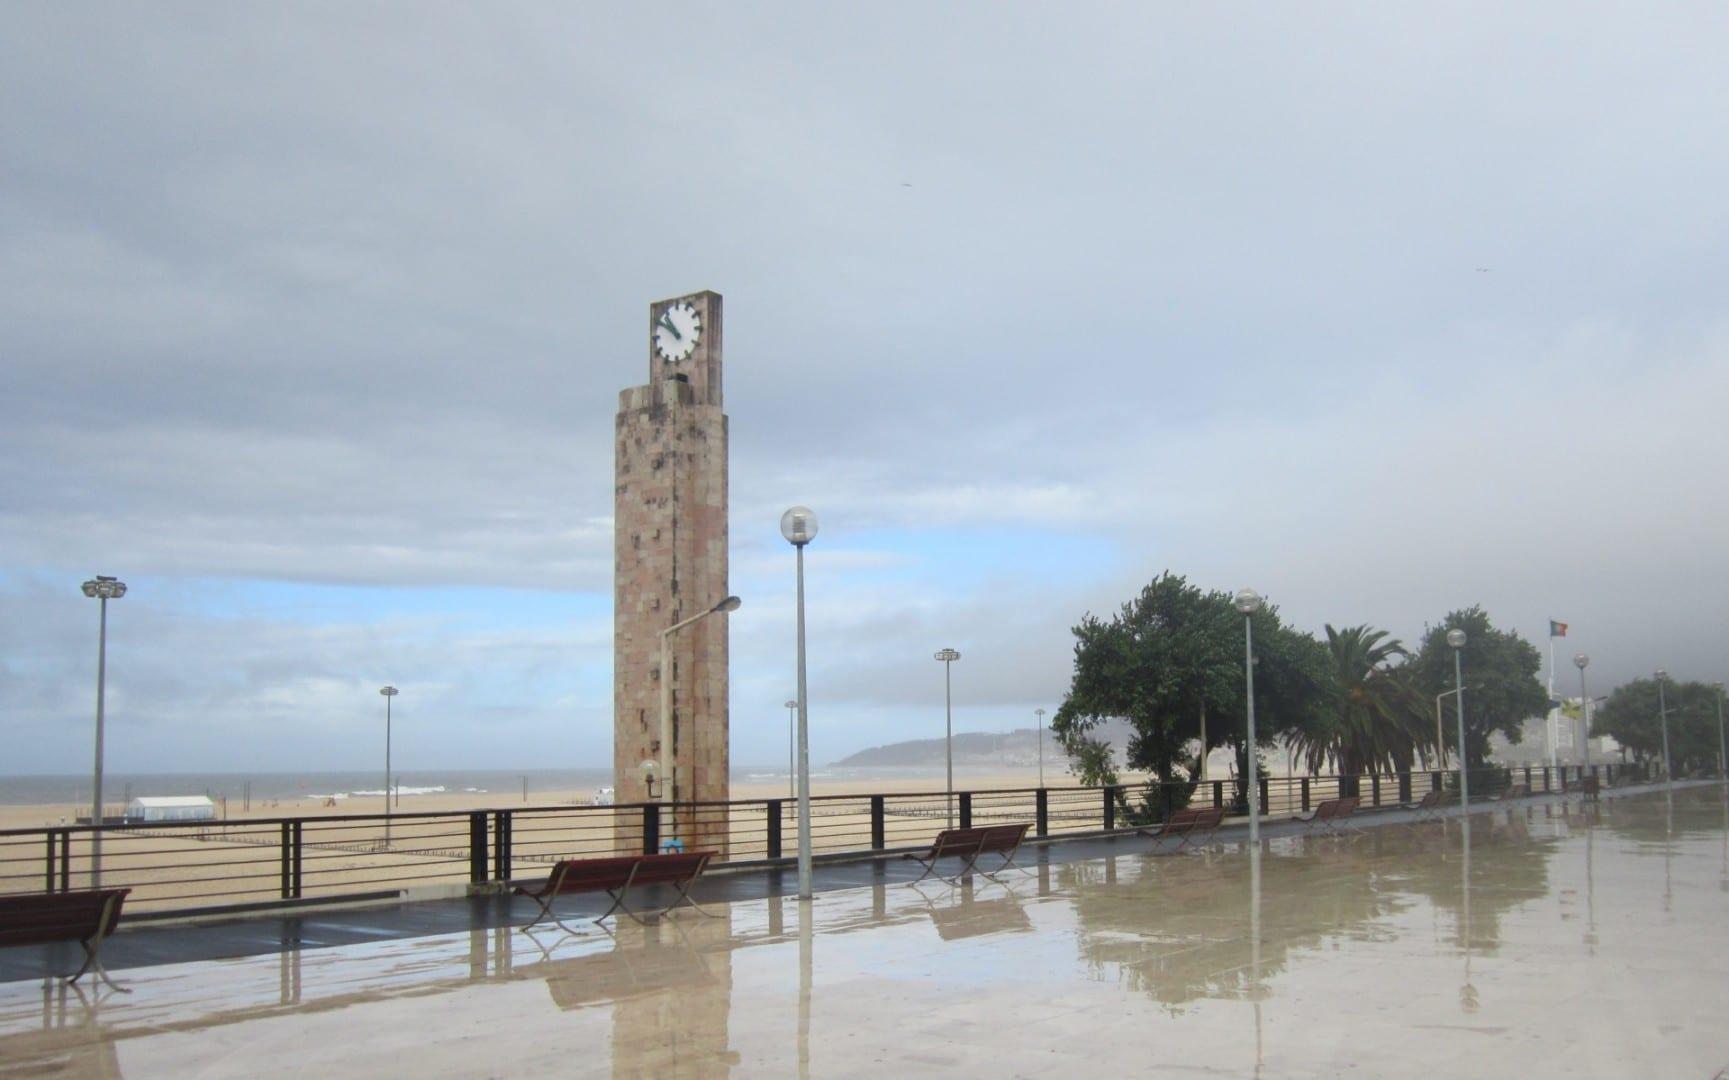 El reloj en la cima de la Torre de Relogio dice la hora en la cara de la tormenta... Figueira da Foz Portugal